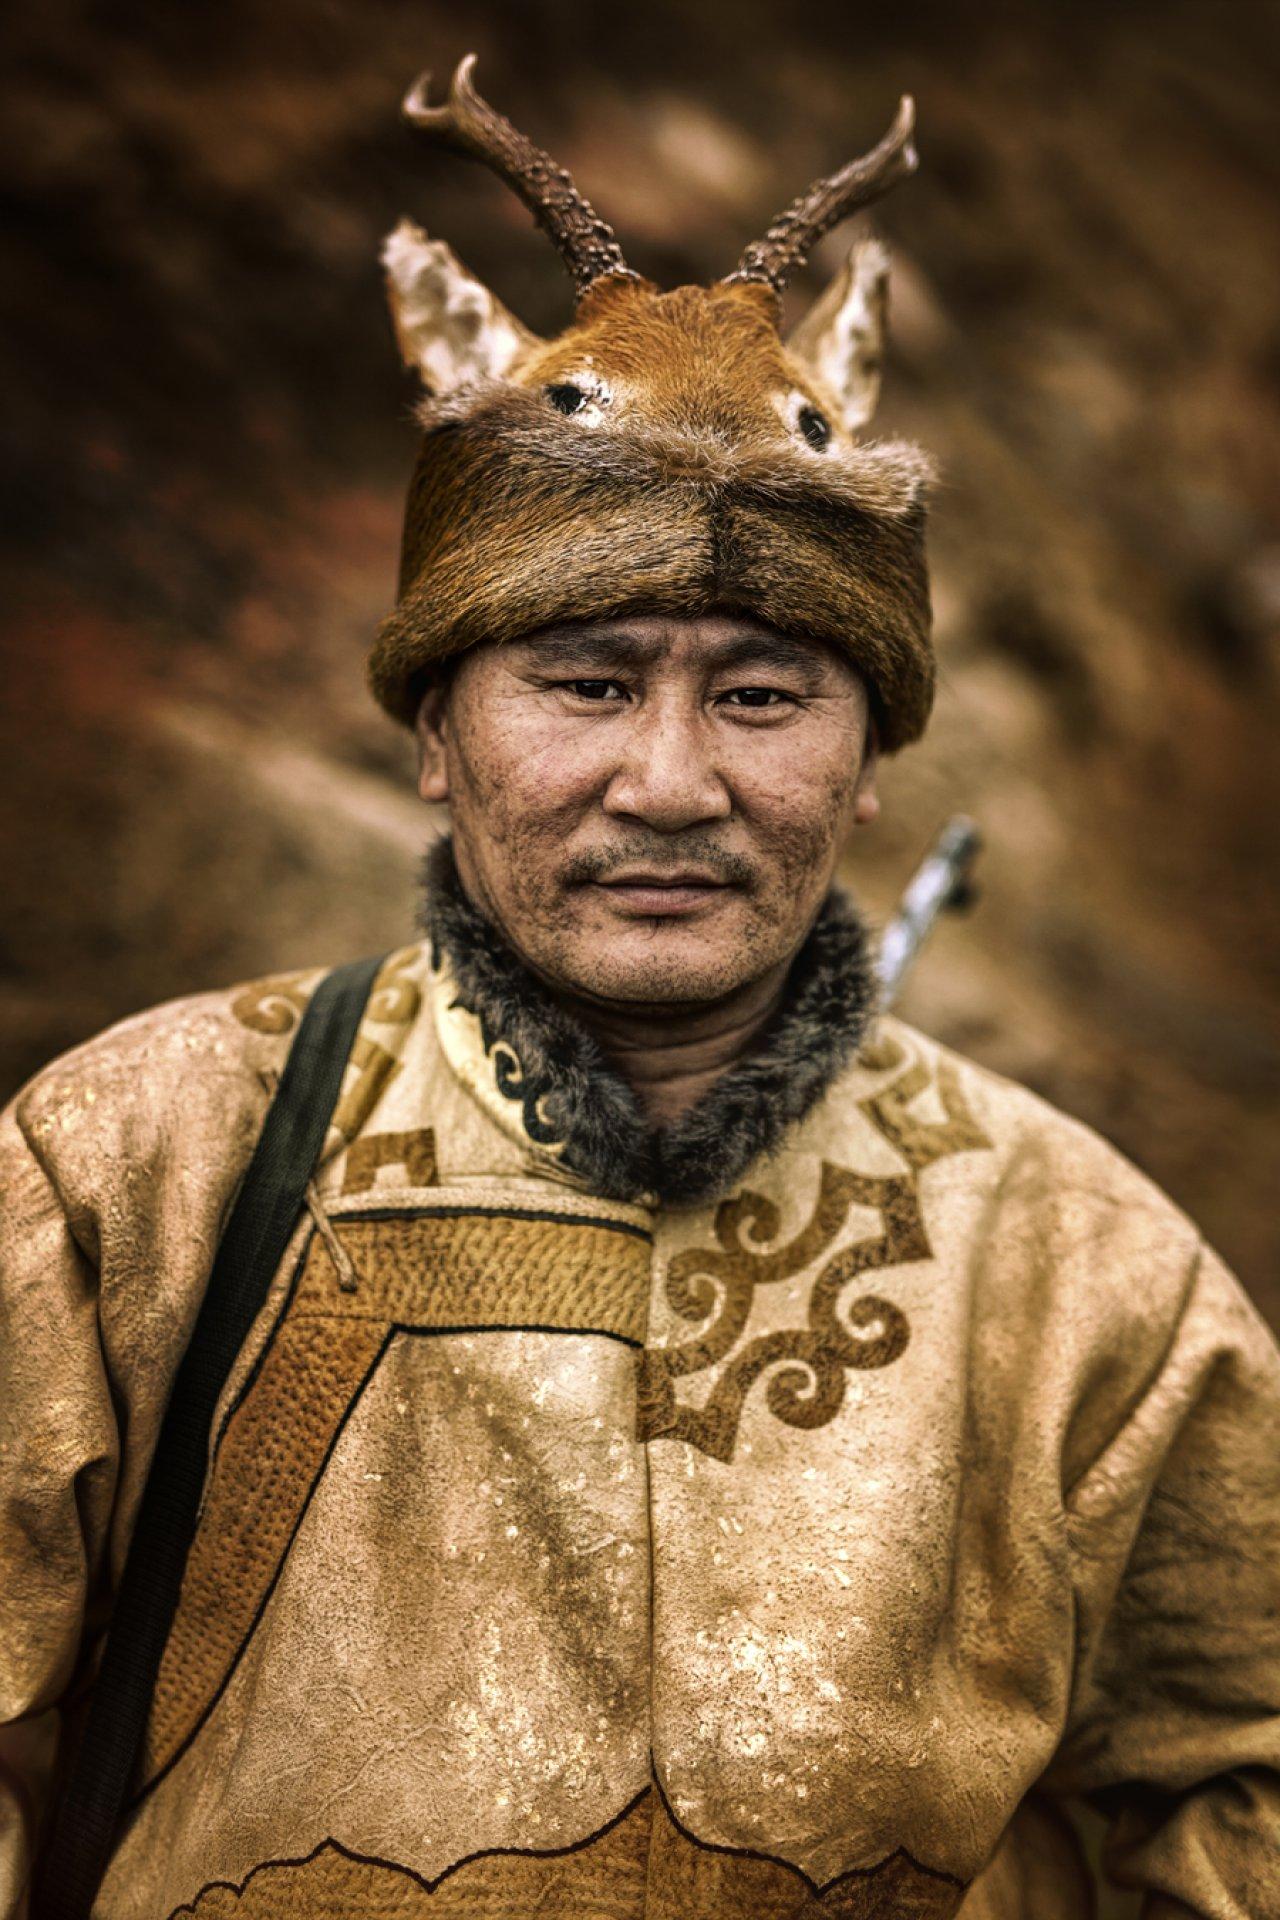 Орочоны — малочисленный народ, проживающий во внутренней Монголии и на северо-западе Китая. Фото: © Alexander Khimushin / The World In Faces